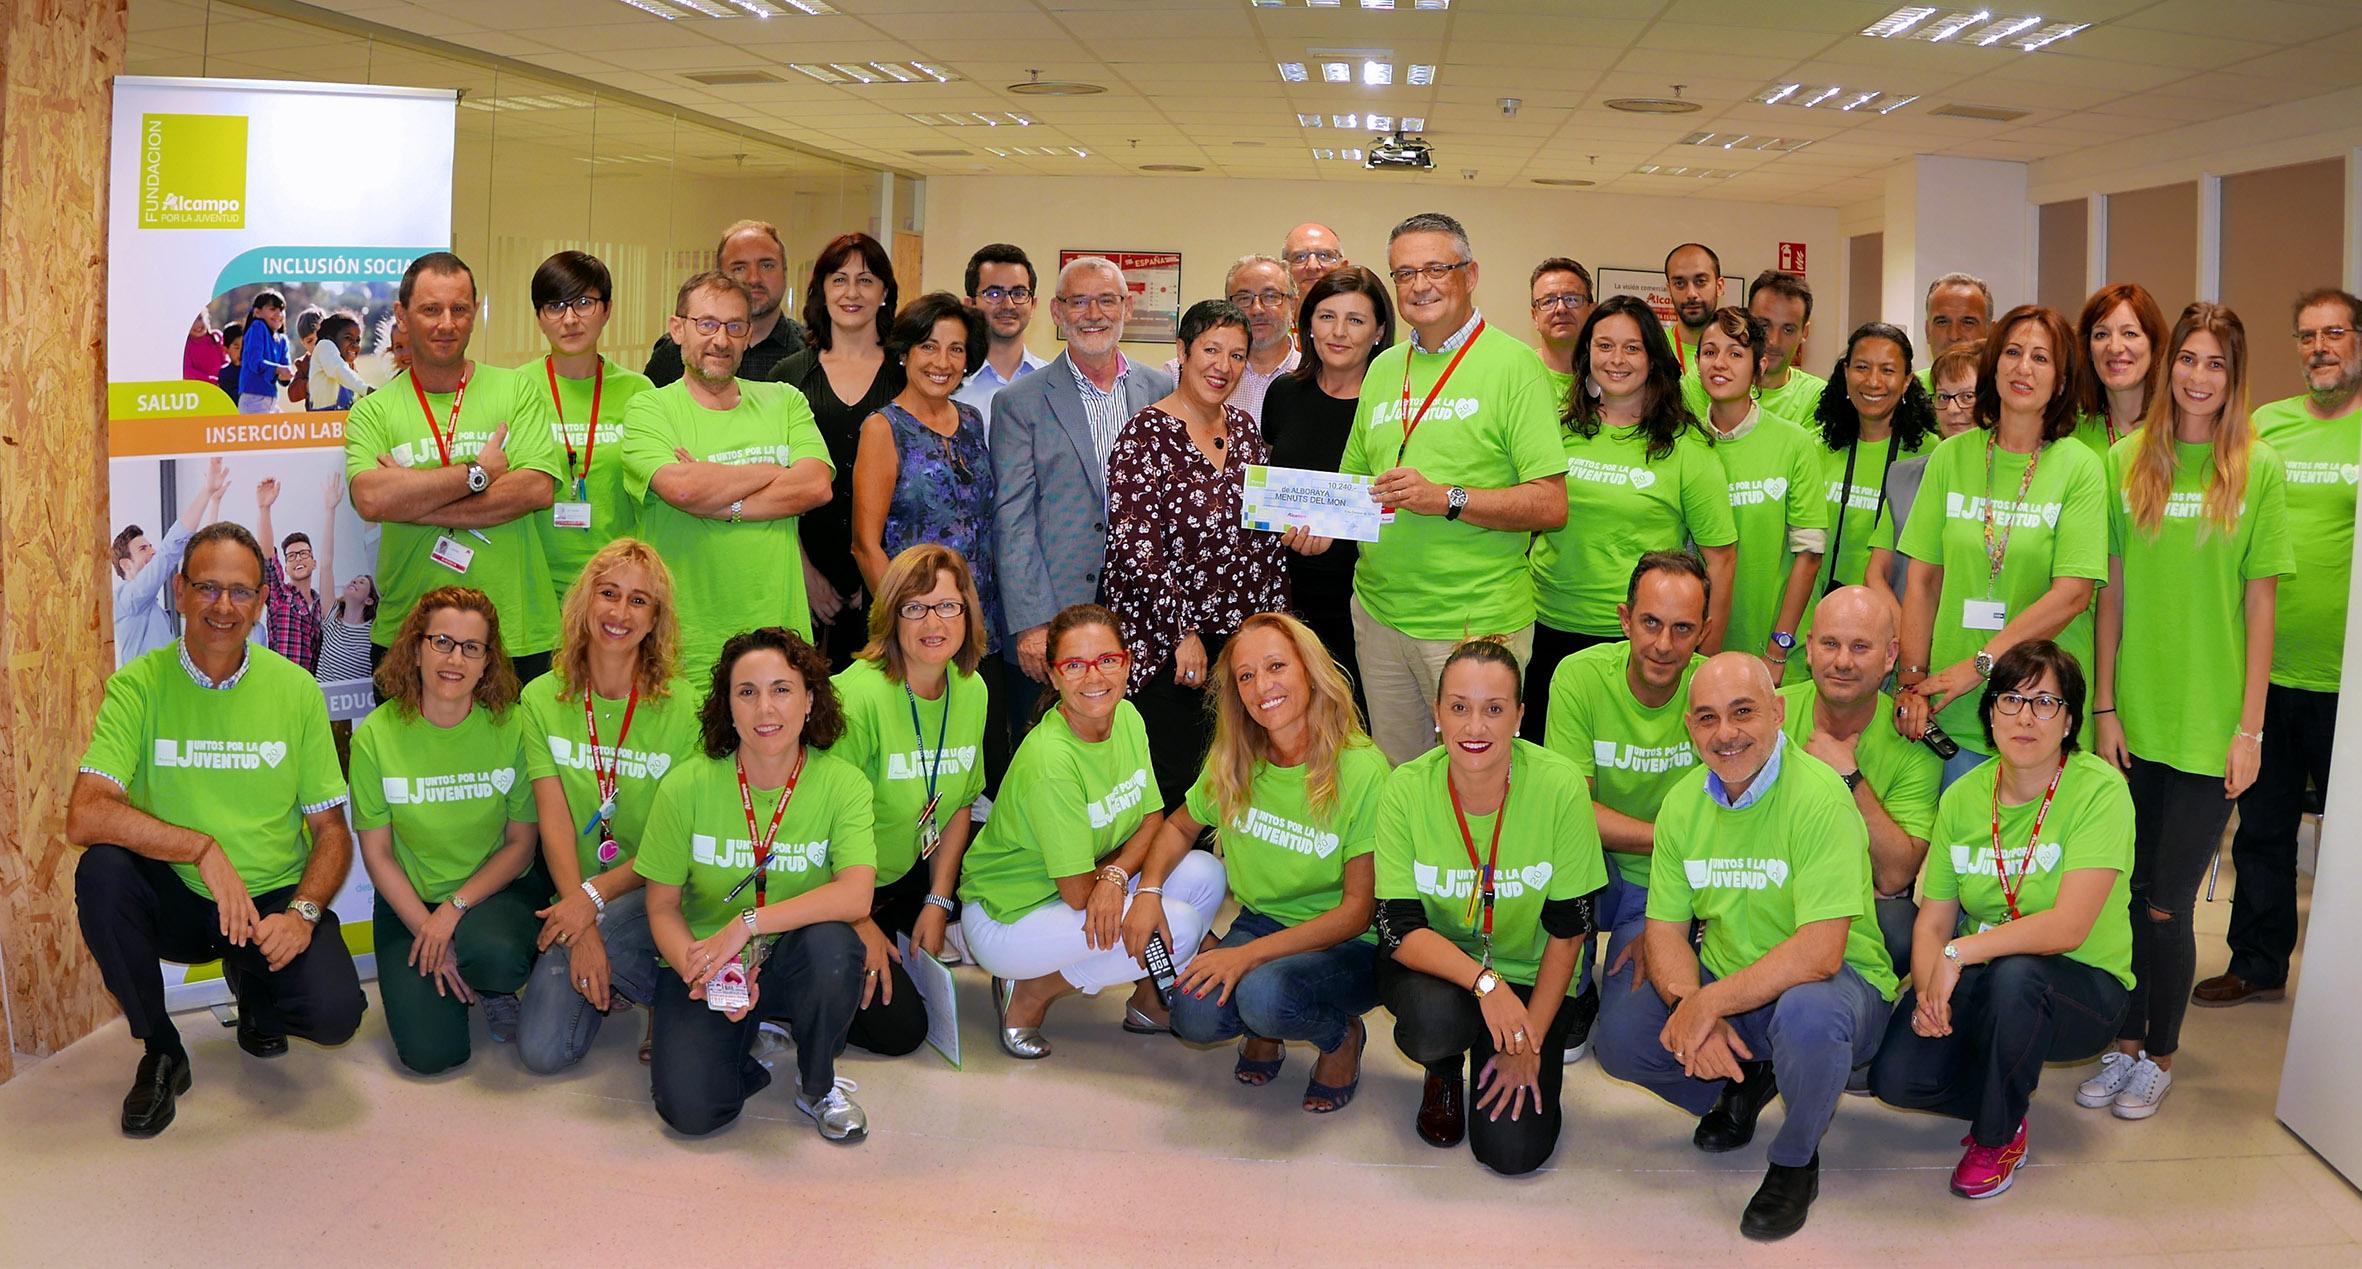 Menuts del Món d'Alboraia rep un premi en la seua lluita per la igualtat